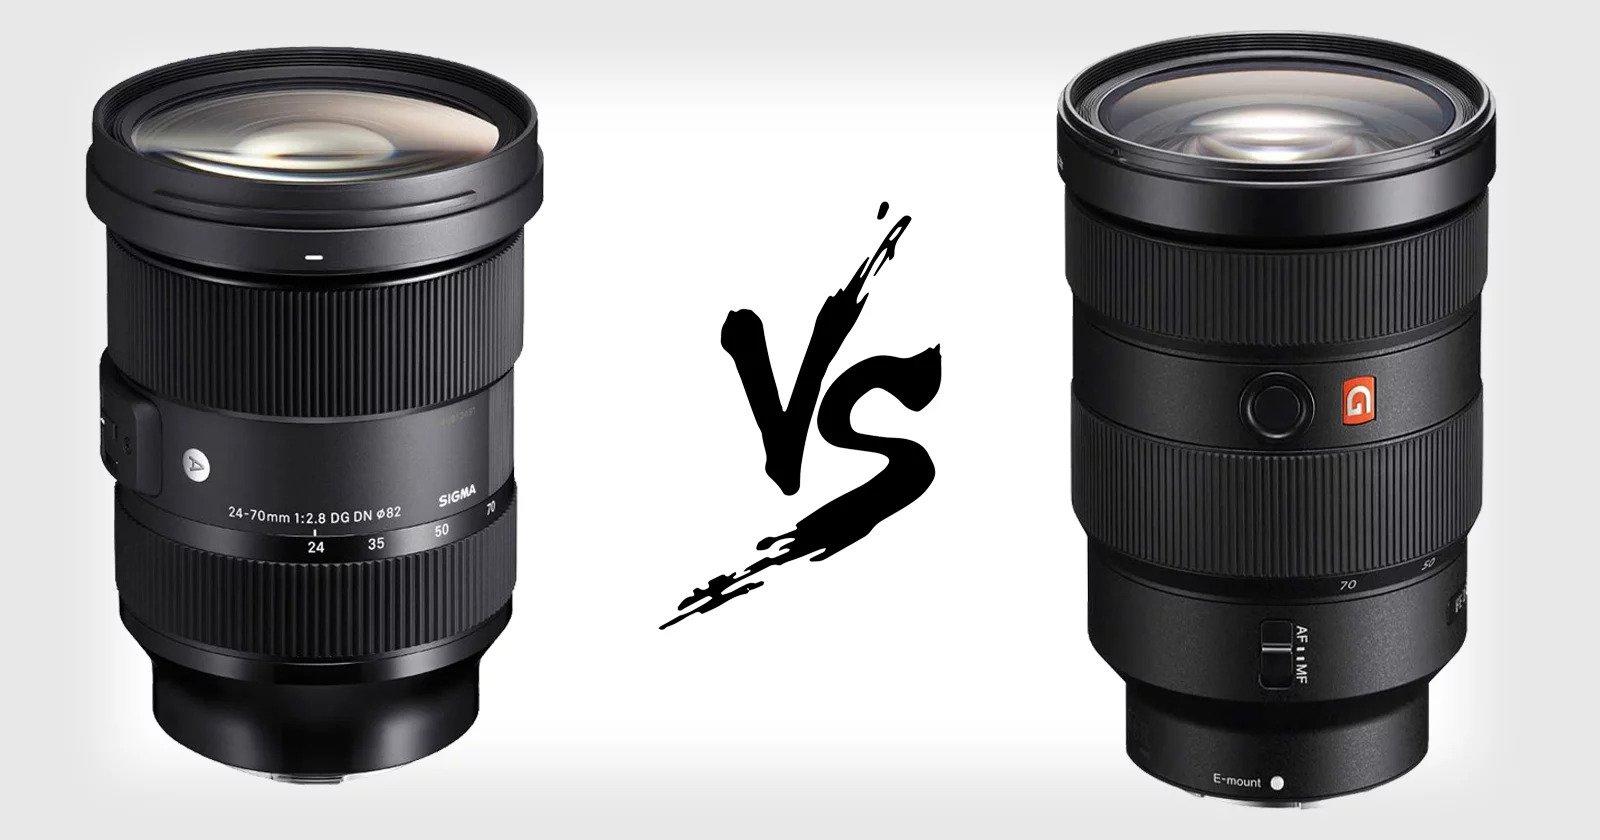 Sigma ra mắt ống kính 24-70mm f/2.8 ngàm E, giá chỉ bằng một nửa bản gốc của Sony